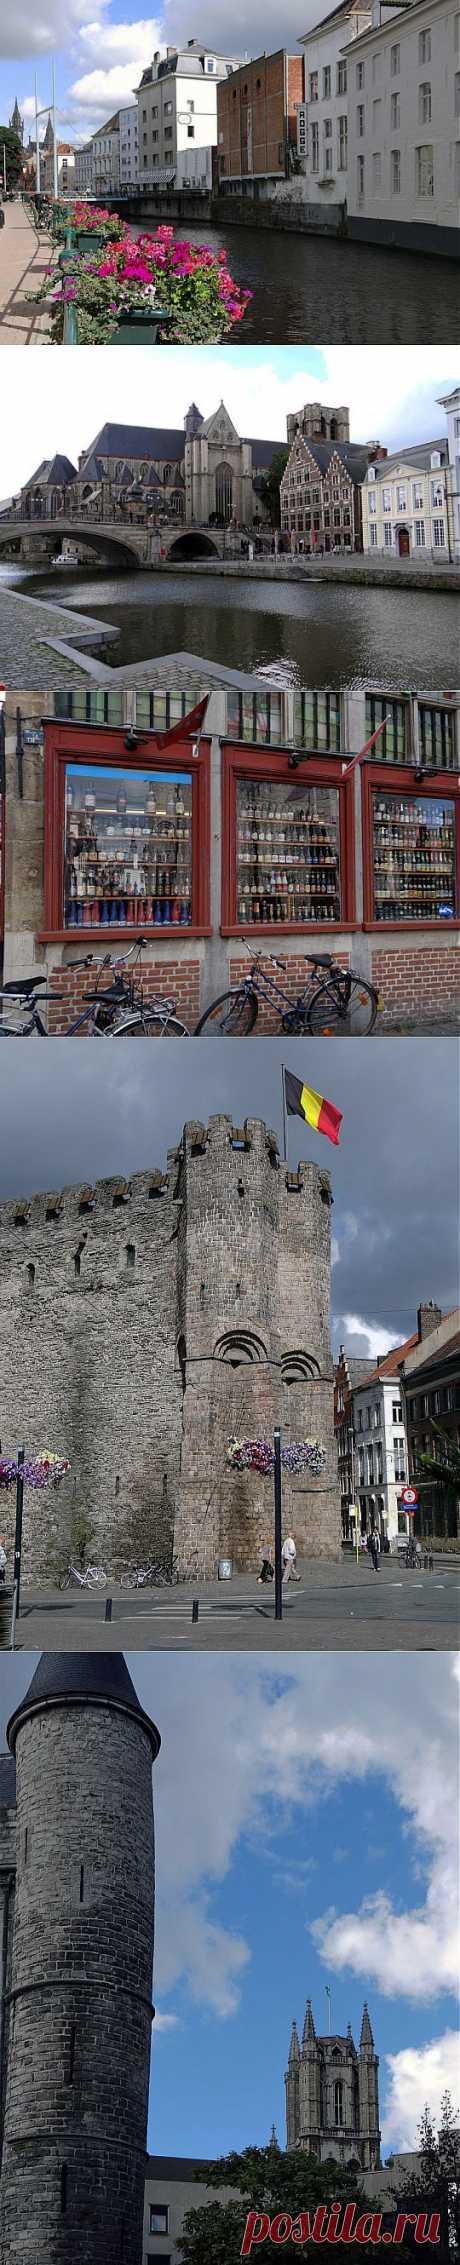 Гент.Бельгия. | Непутевые заметки